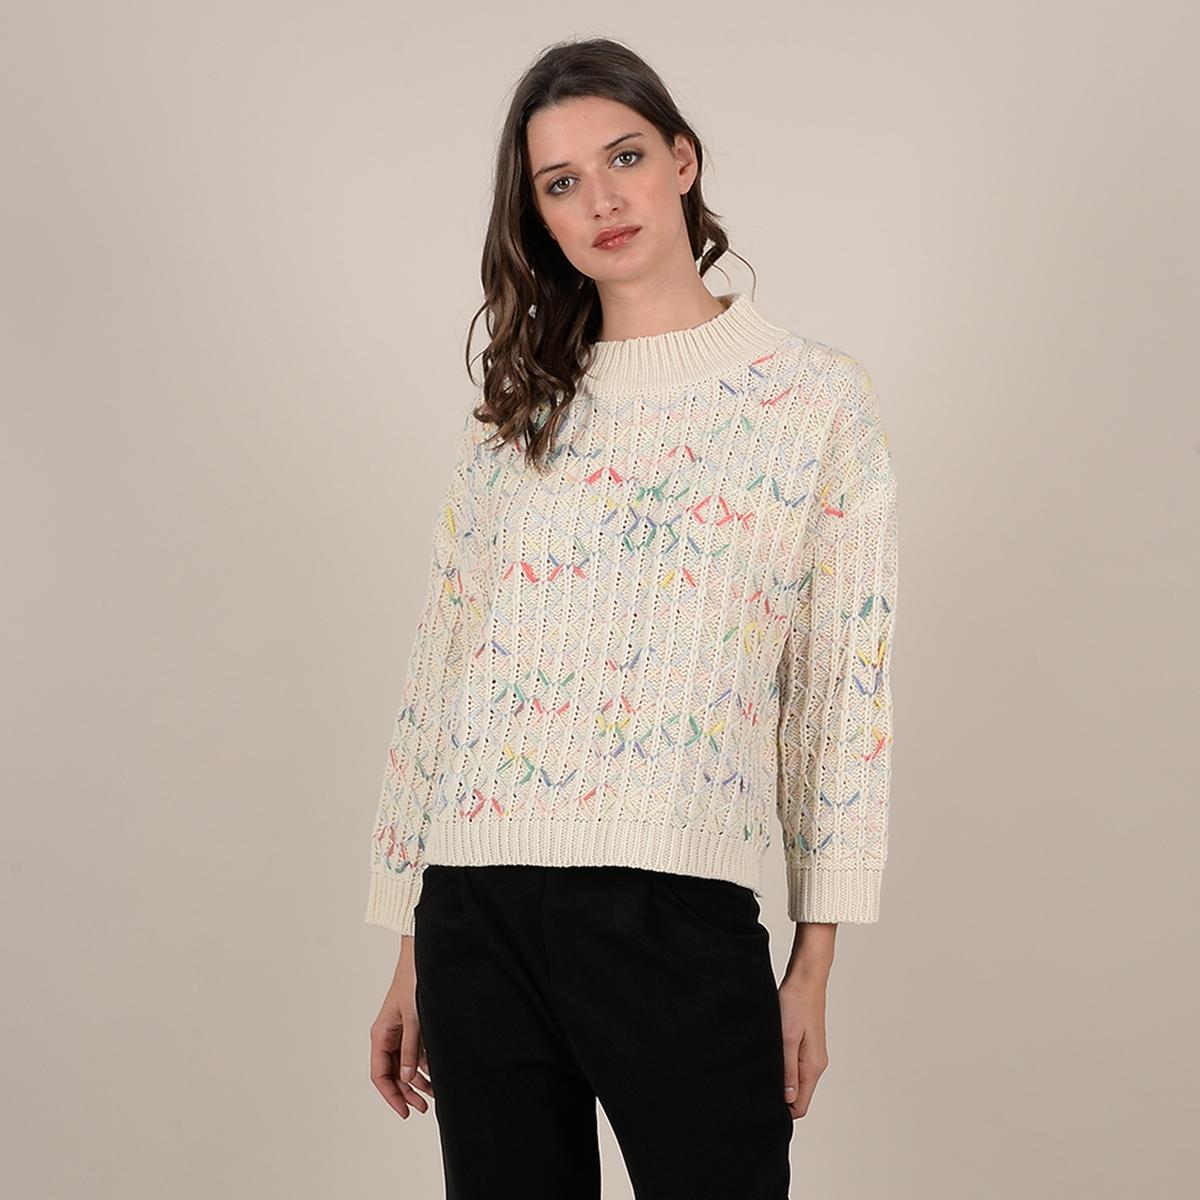 Пуловер La Redoute С воротником-стойкой из трикотажа с разноцветными волокнами M/L бежевый пуловер la redoute из тонкого трикотажа со шнуровкой l бежевый